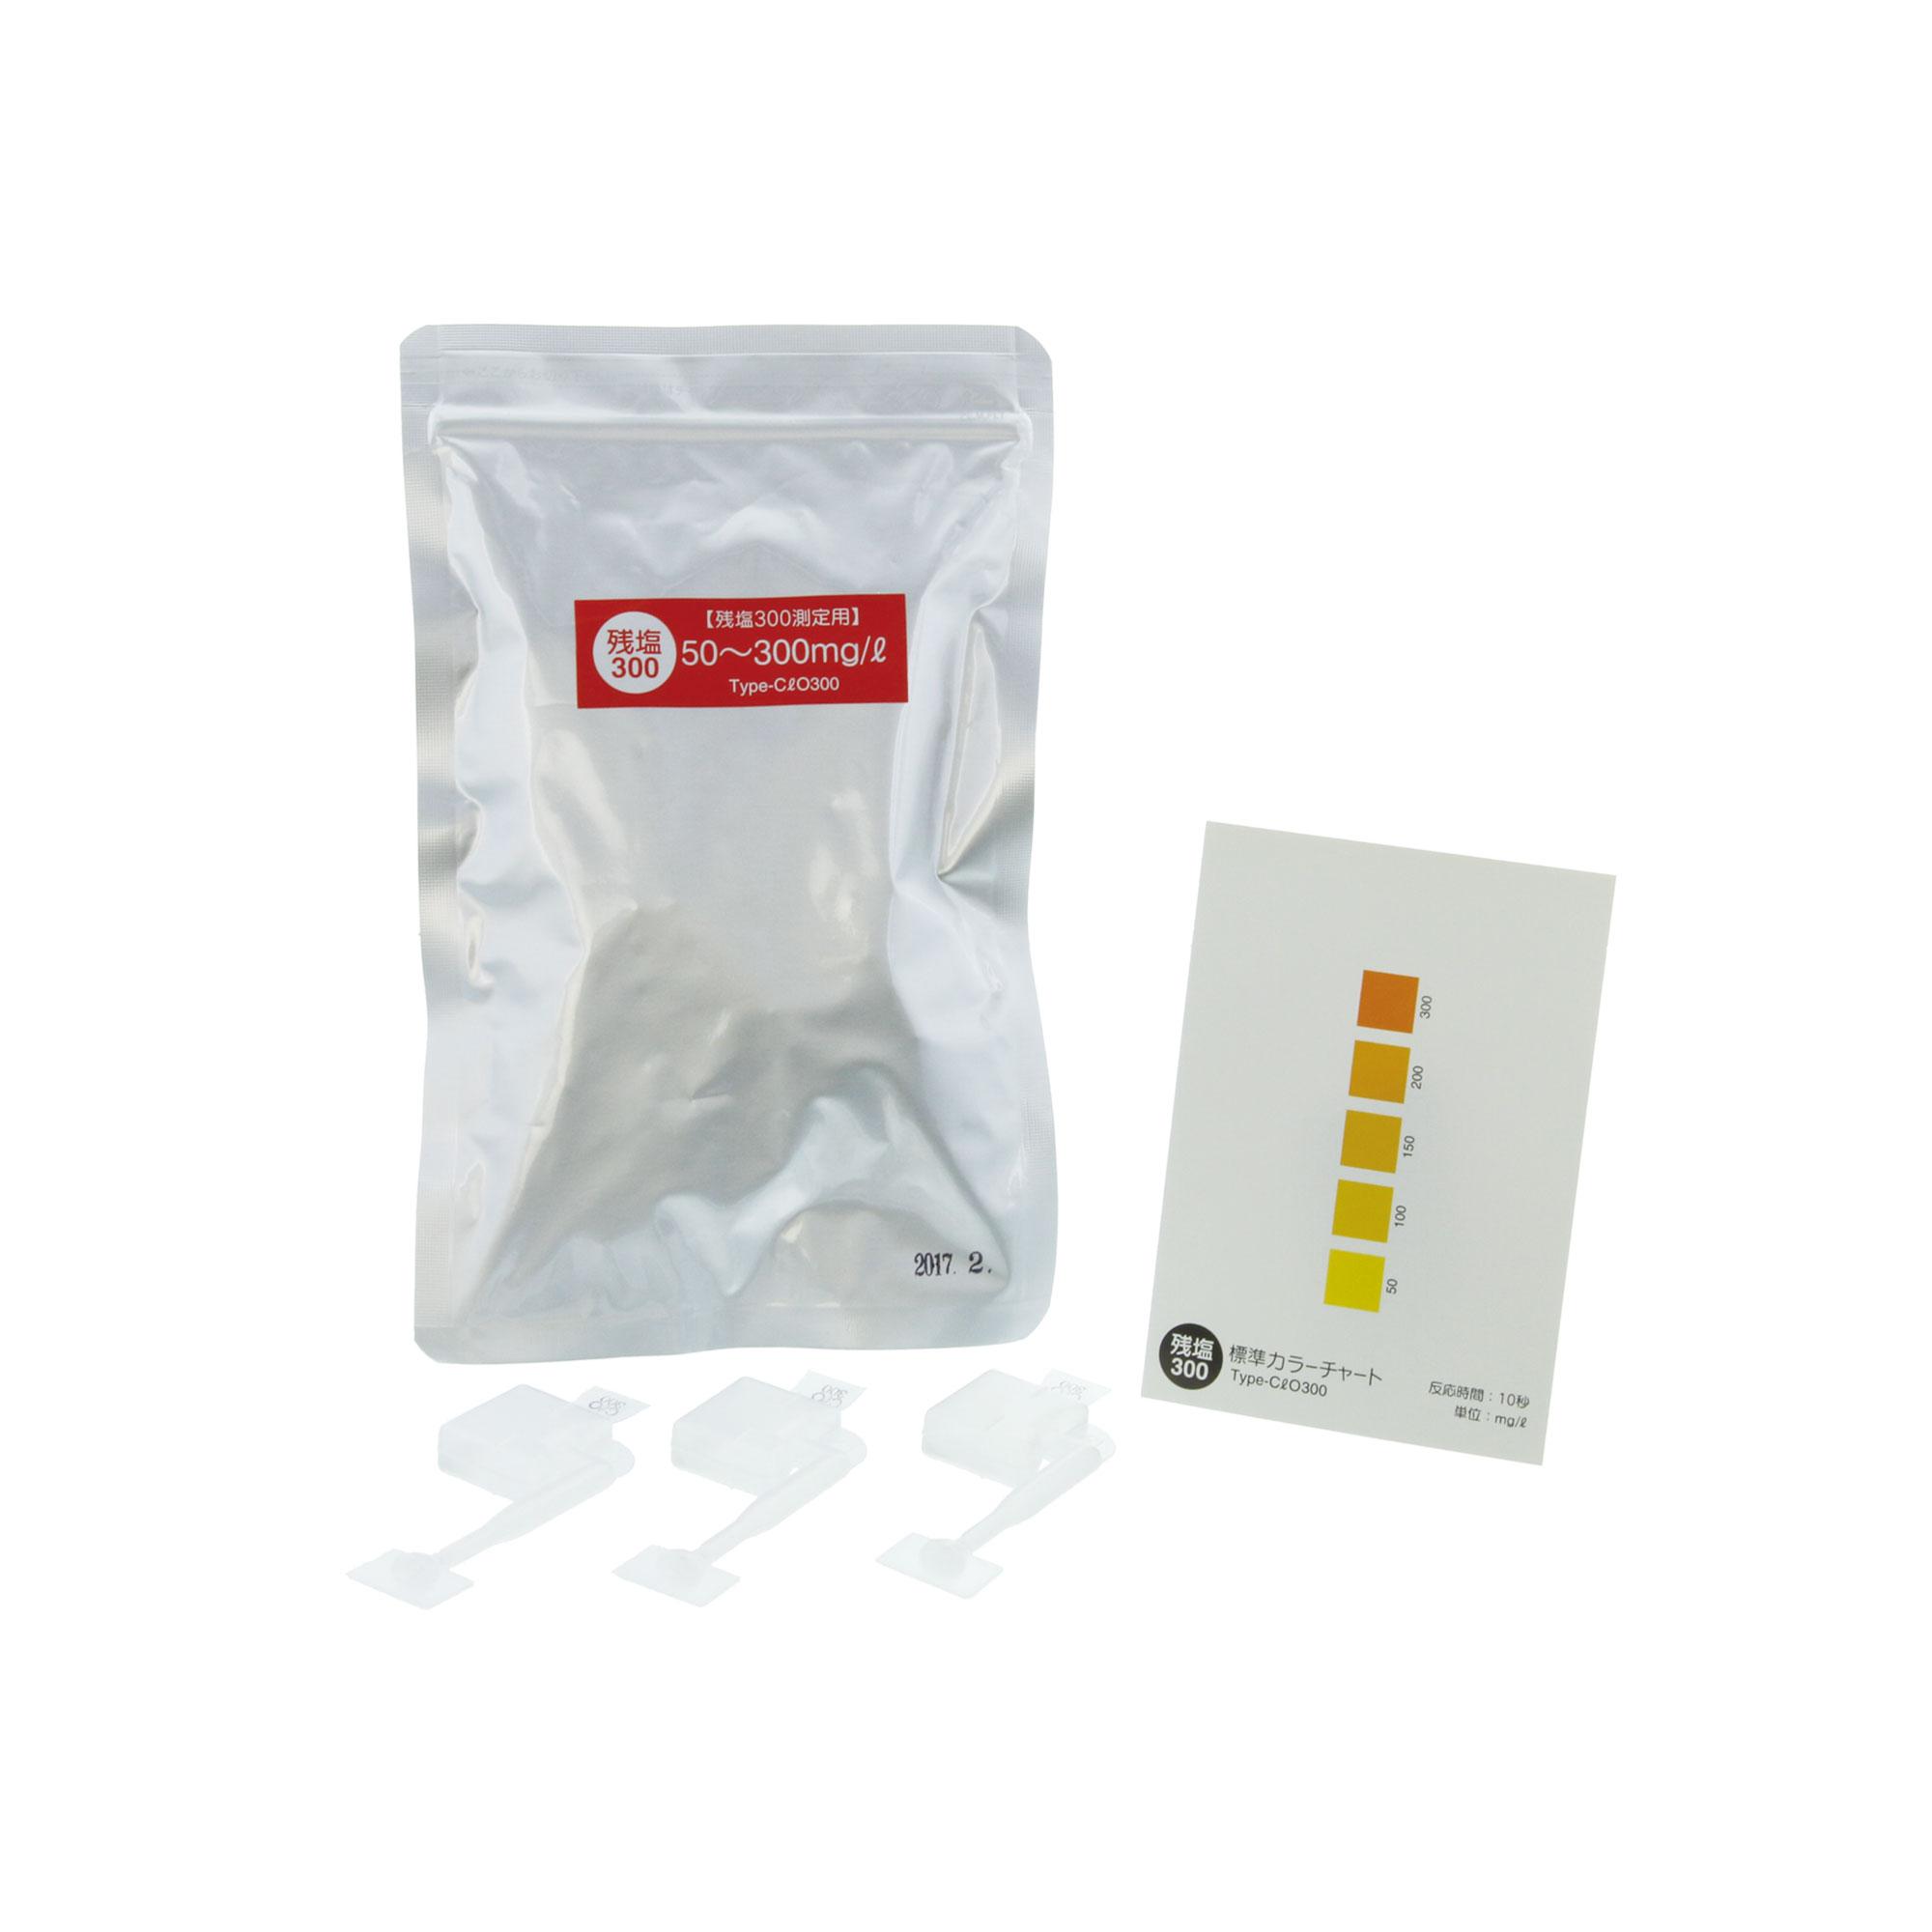 シンプルパック 残留塩素 300 ClO300(48回分)